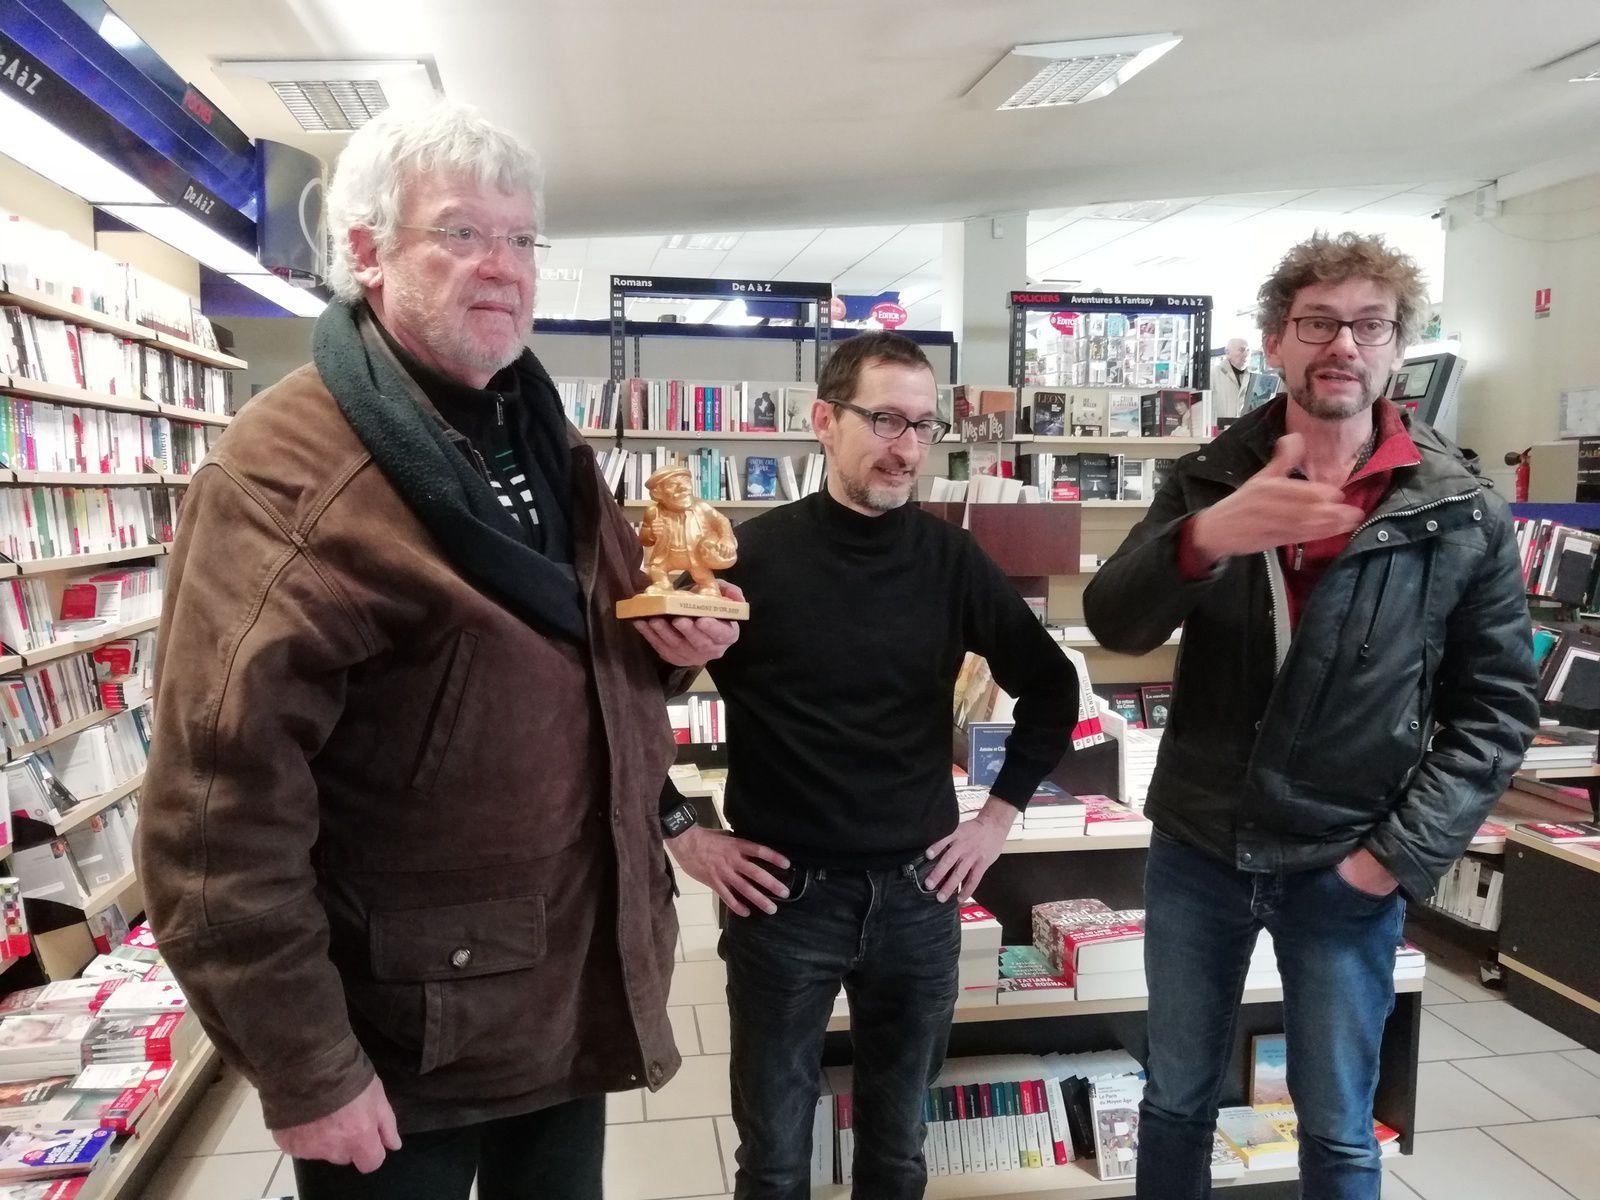 Le Villemont d'or 2018 du meilleur libraire à Jean Catinaud